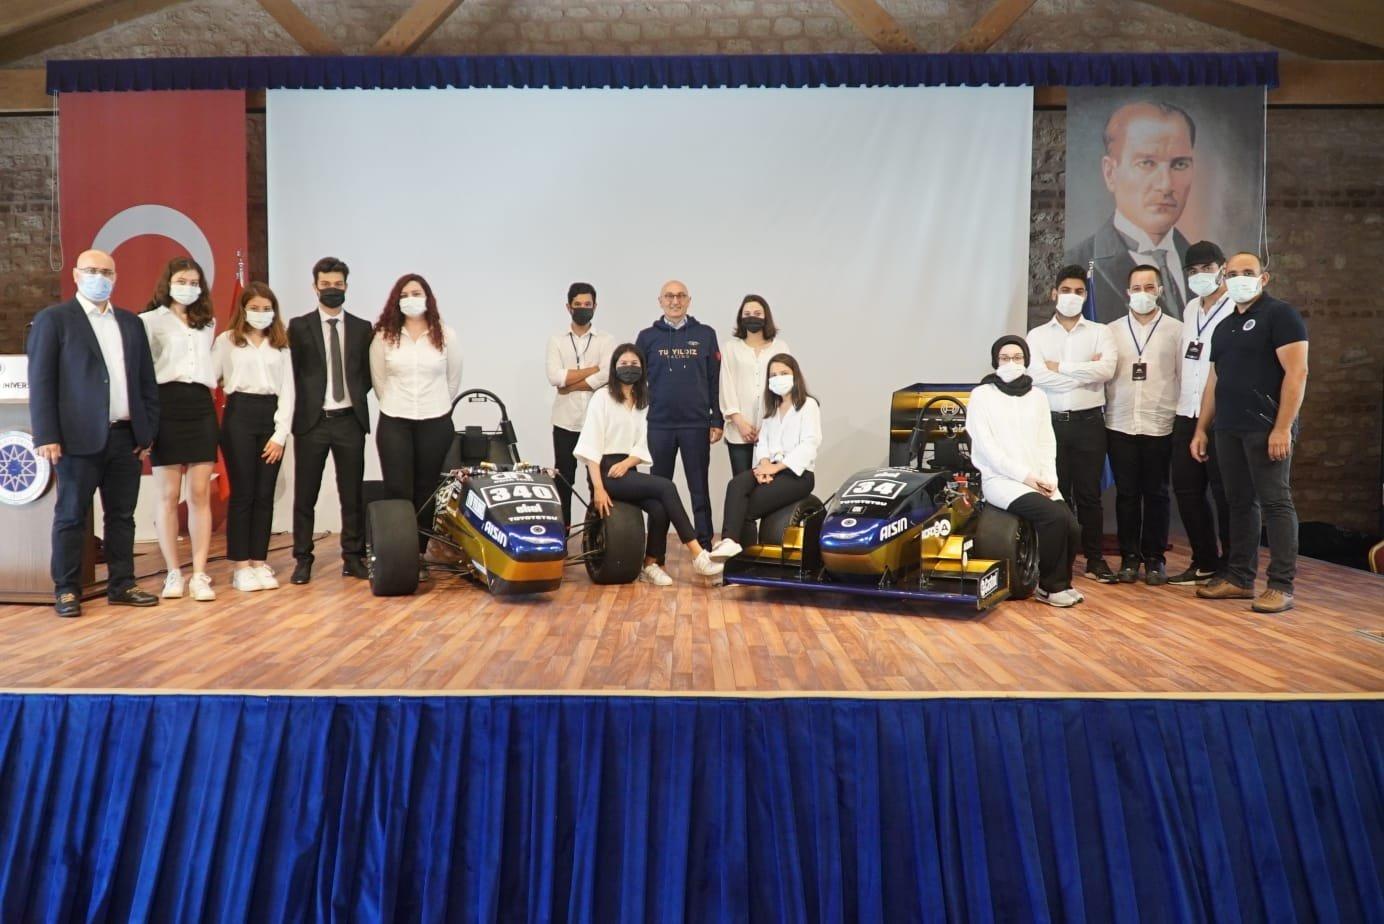 Yıldız Teknik Üniversitesi Racing Takımı Bu Yıl Ürettiği İki Araç ile Avrupa'da Yarışacak